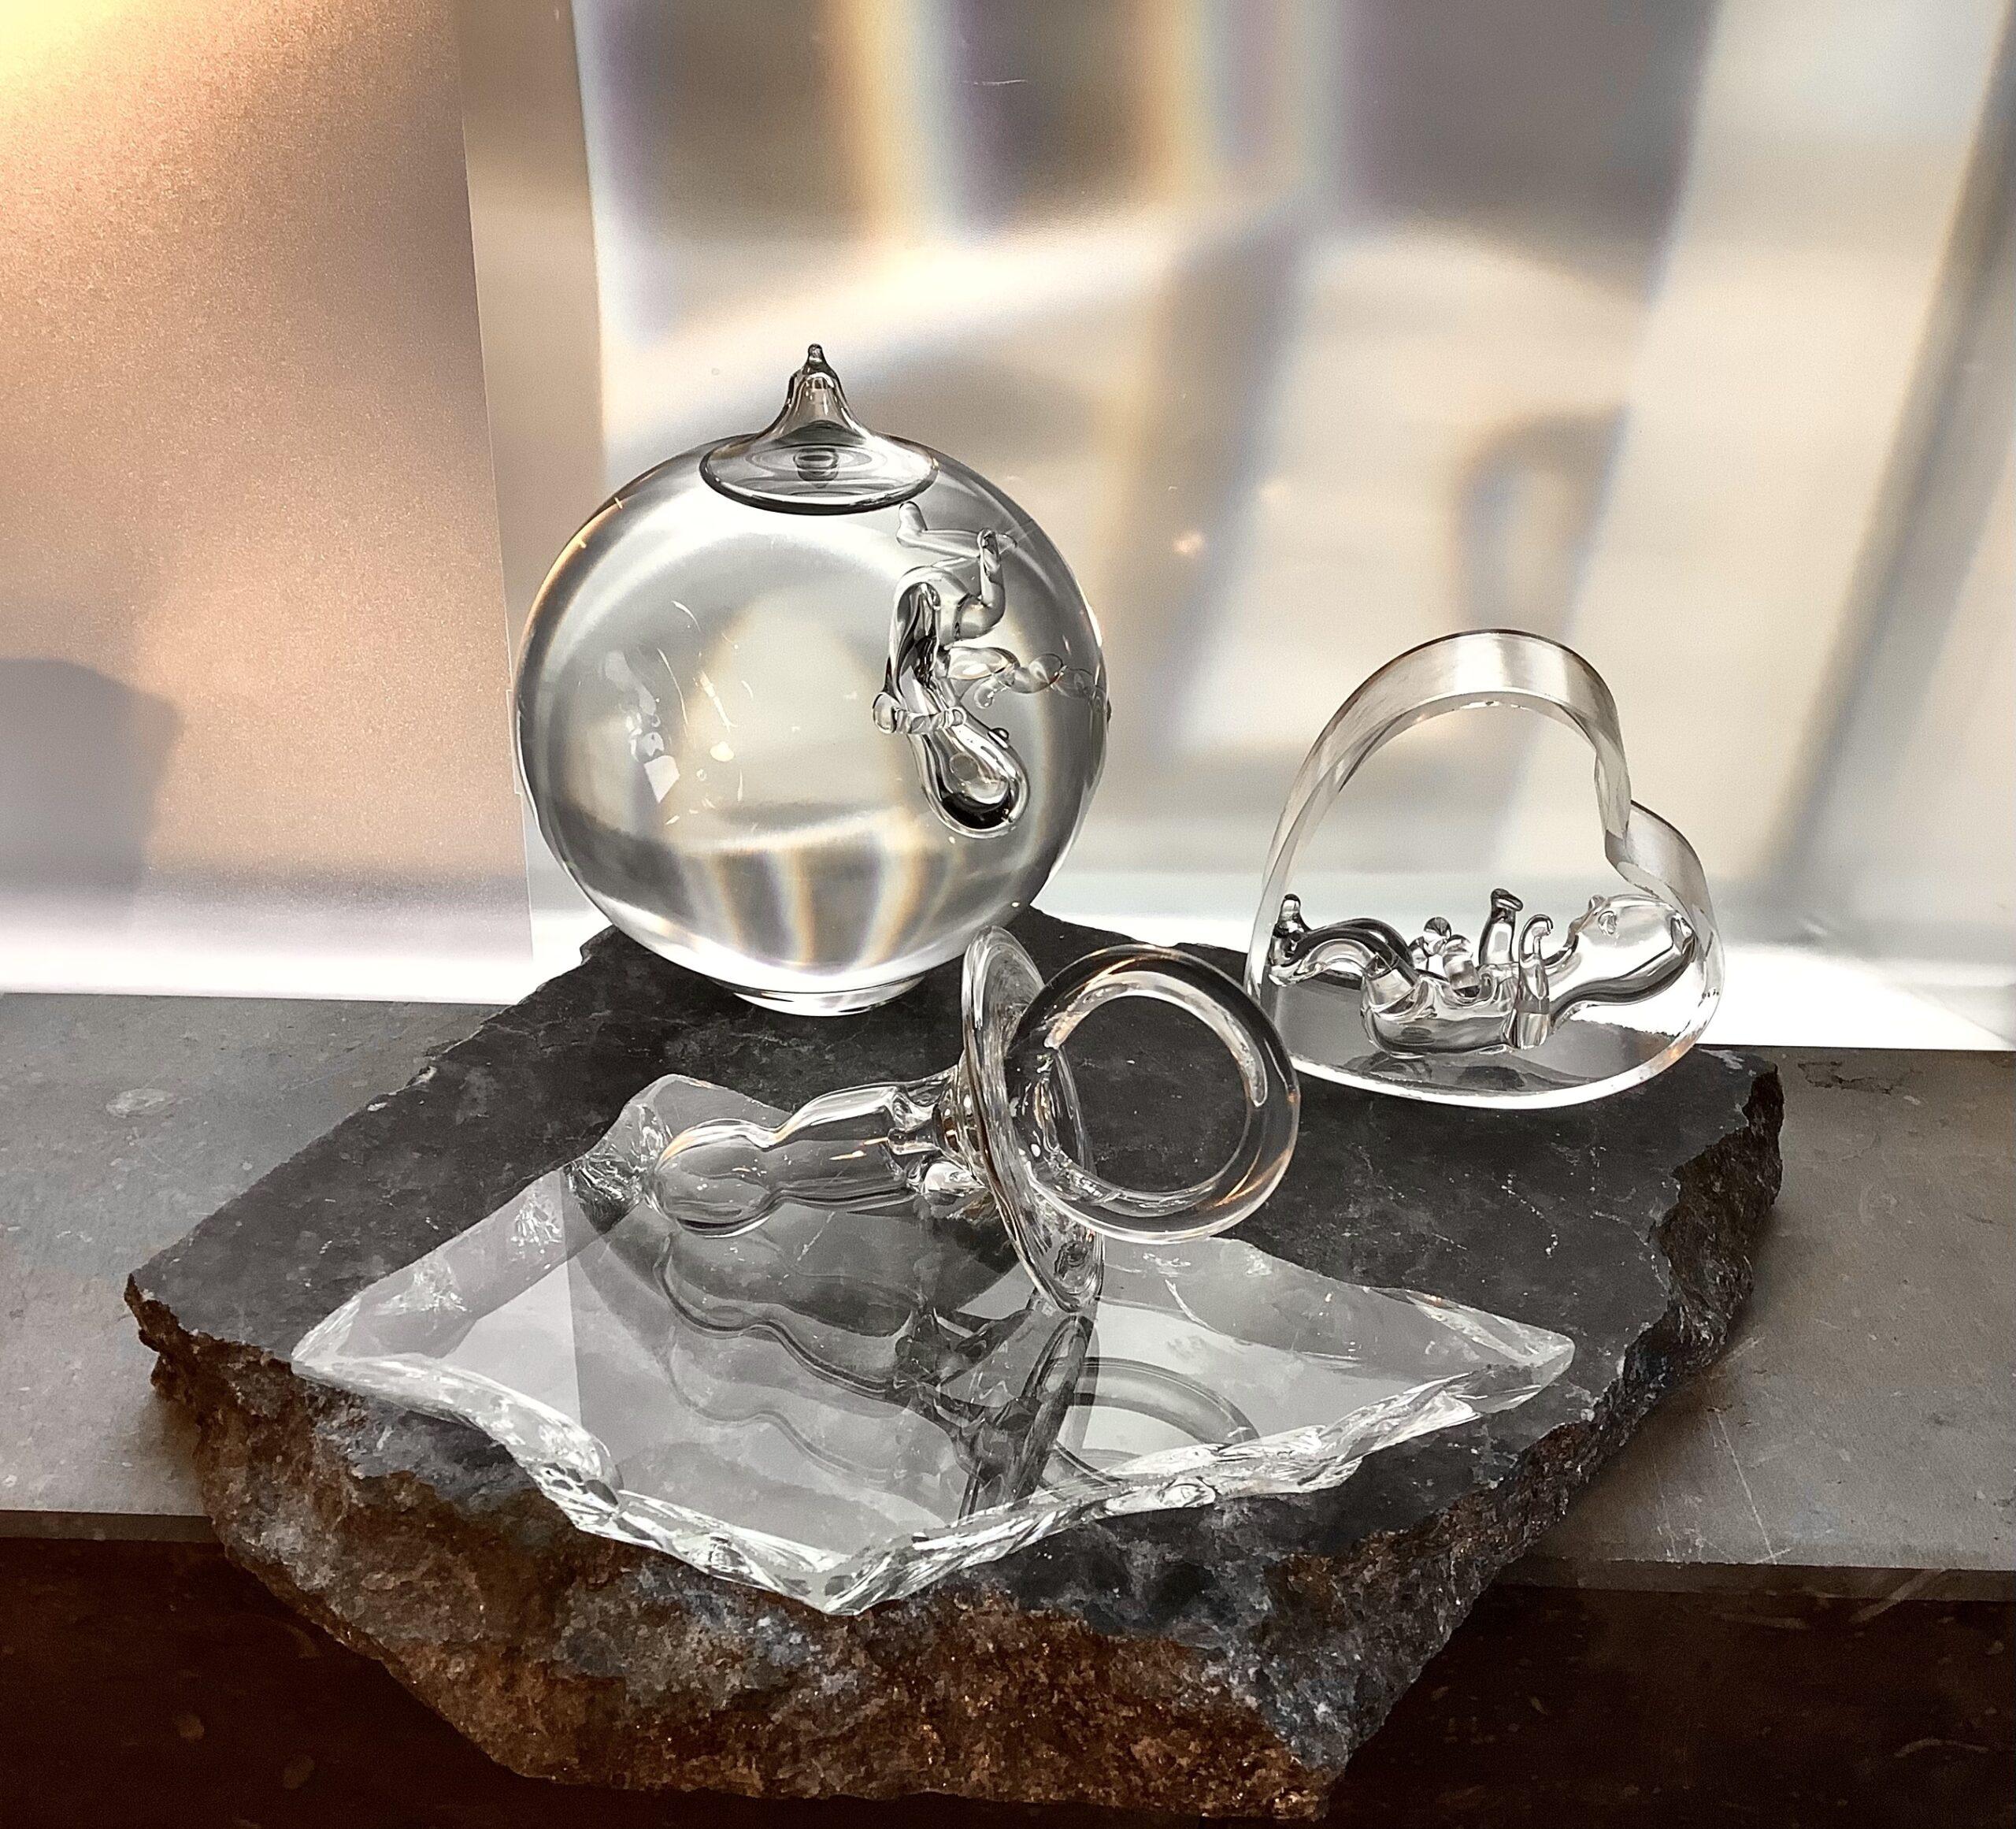 Diversen baby objecten